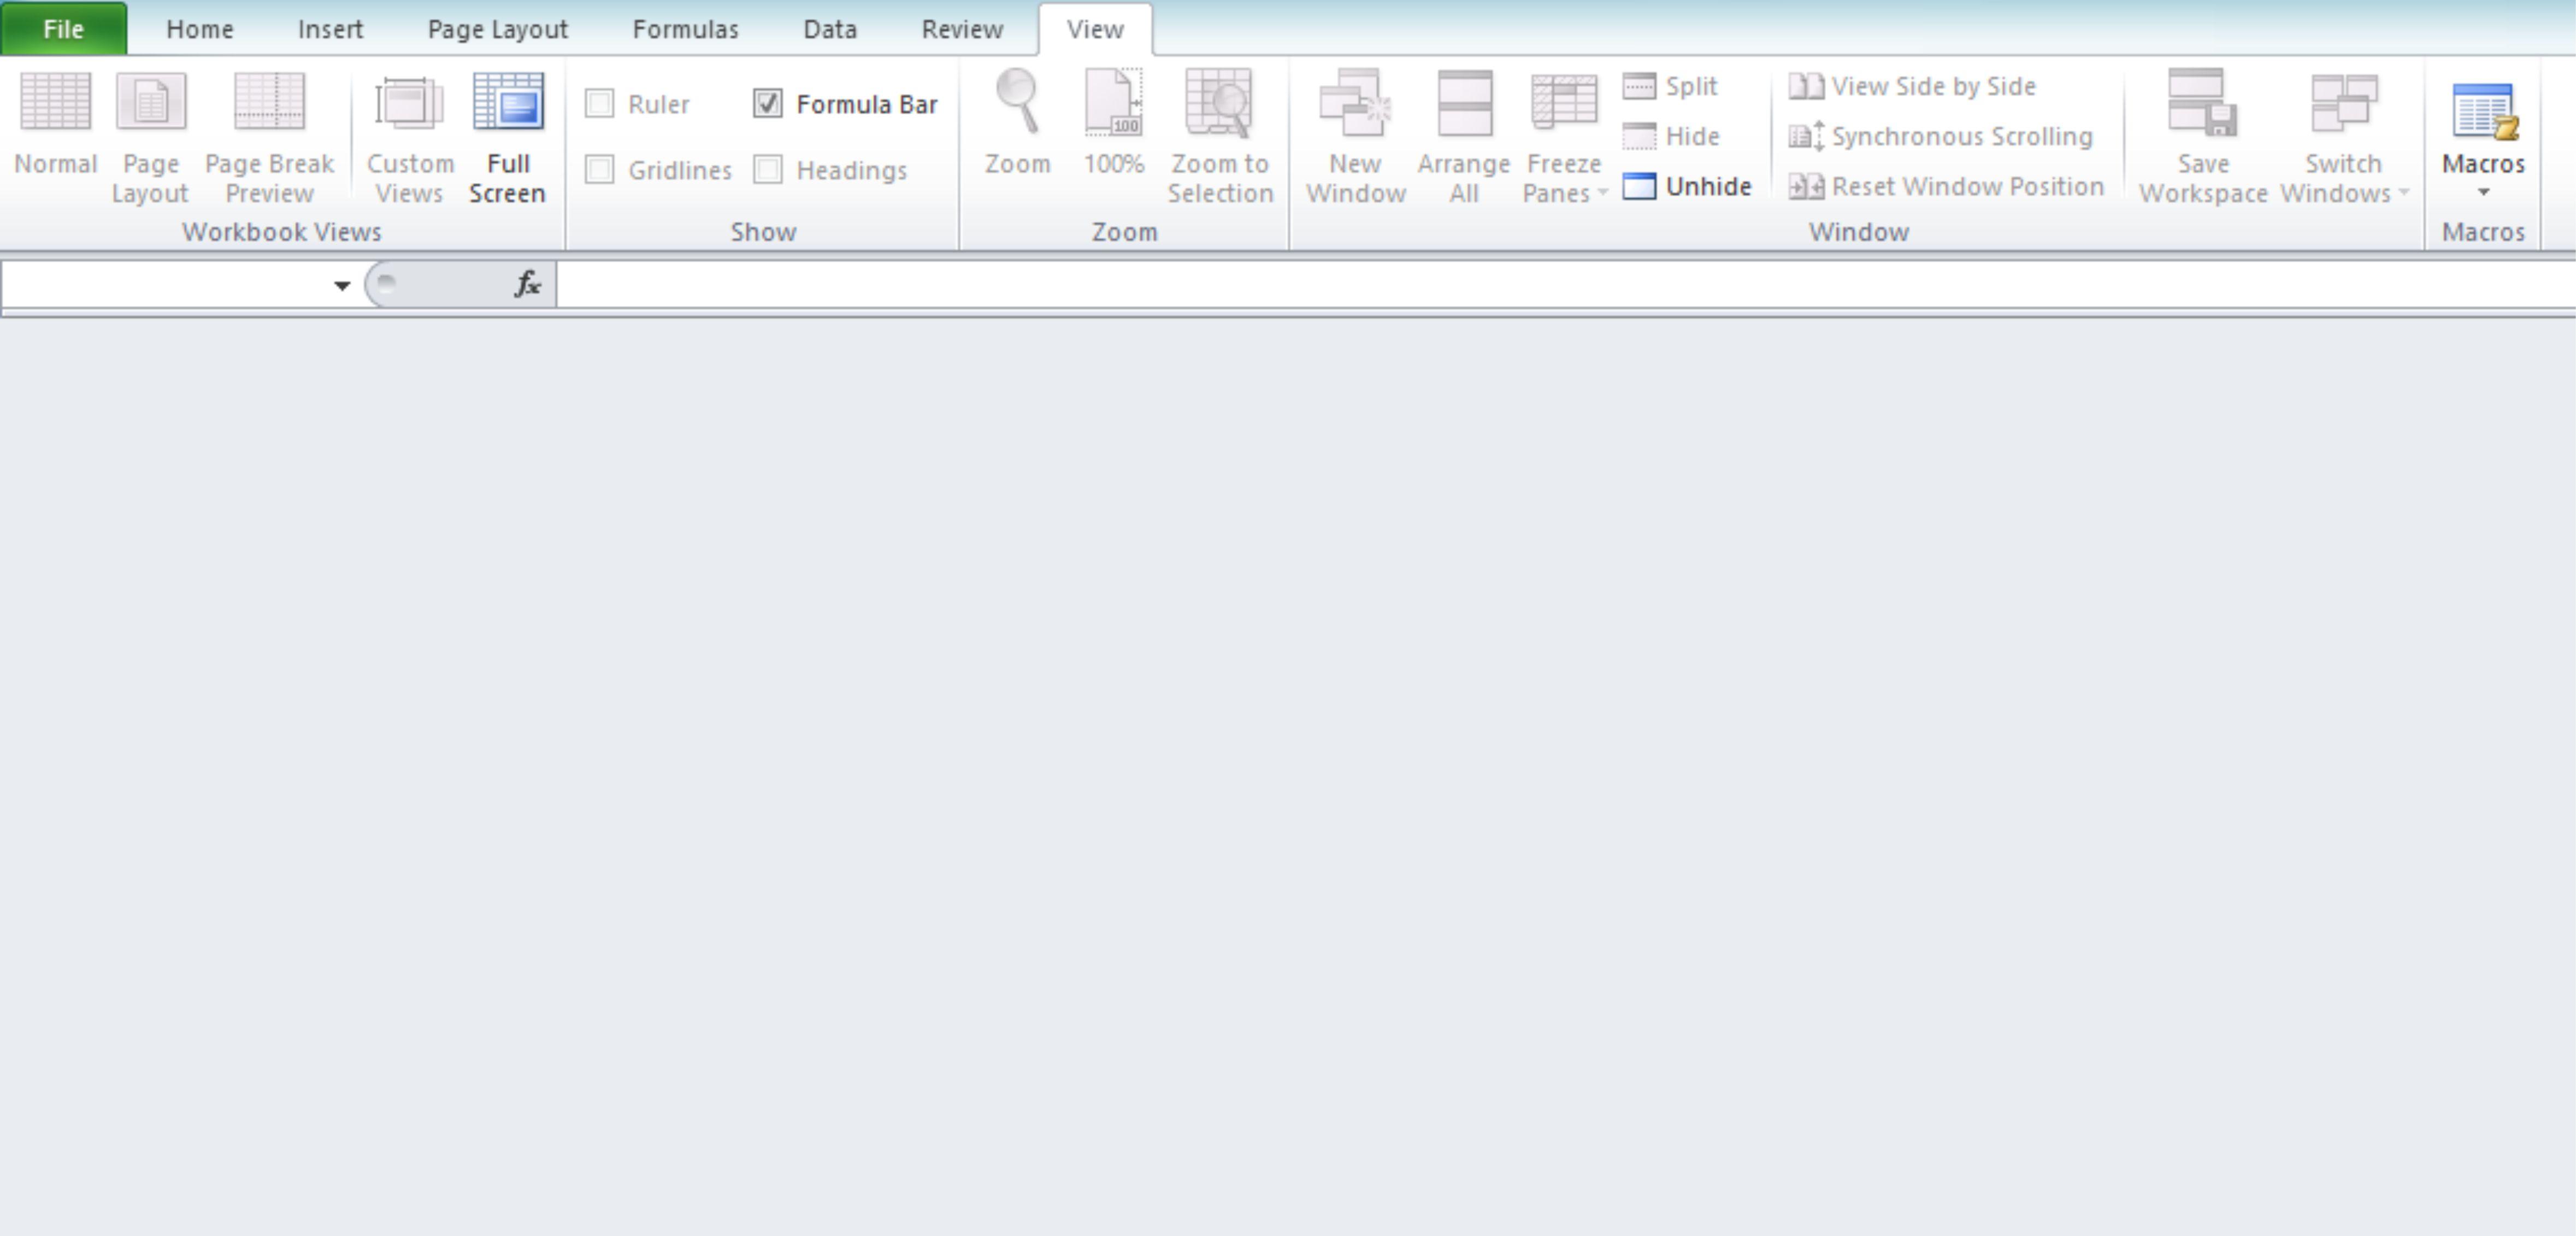 Excel Worksheet Separate Window